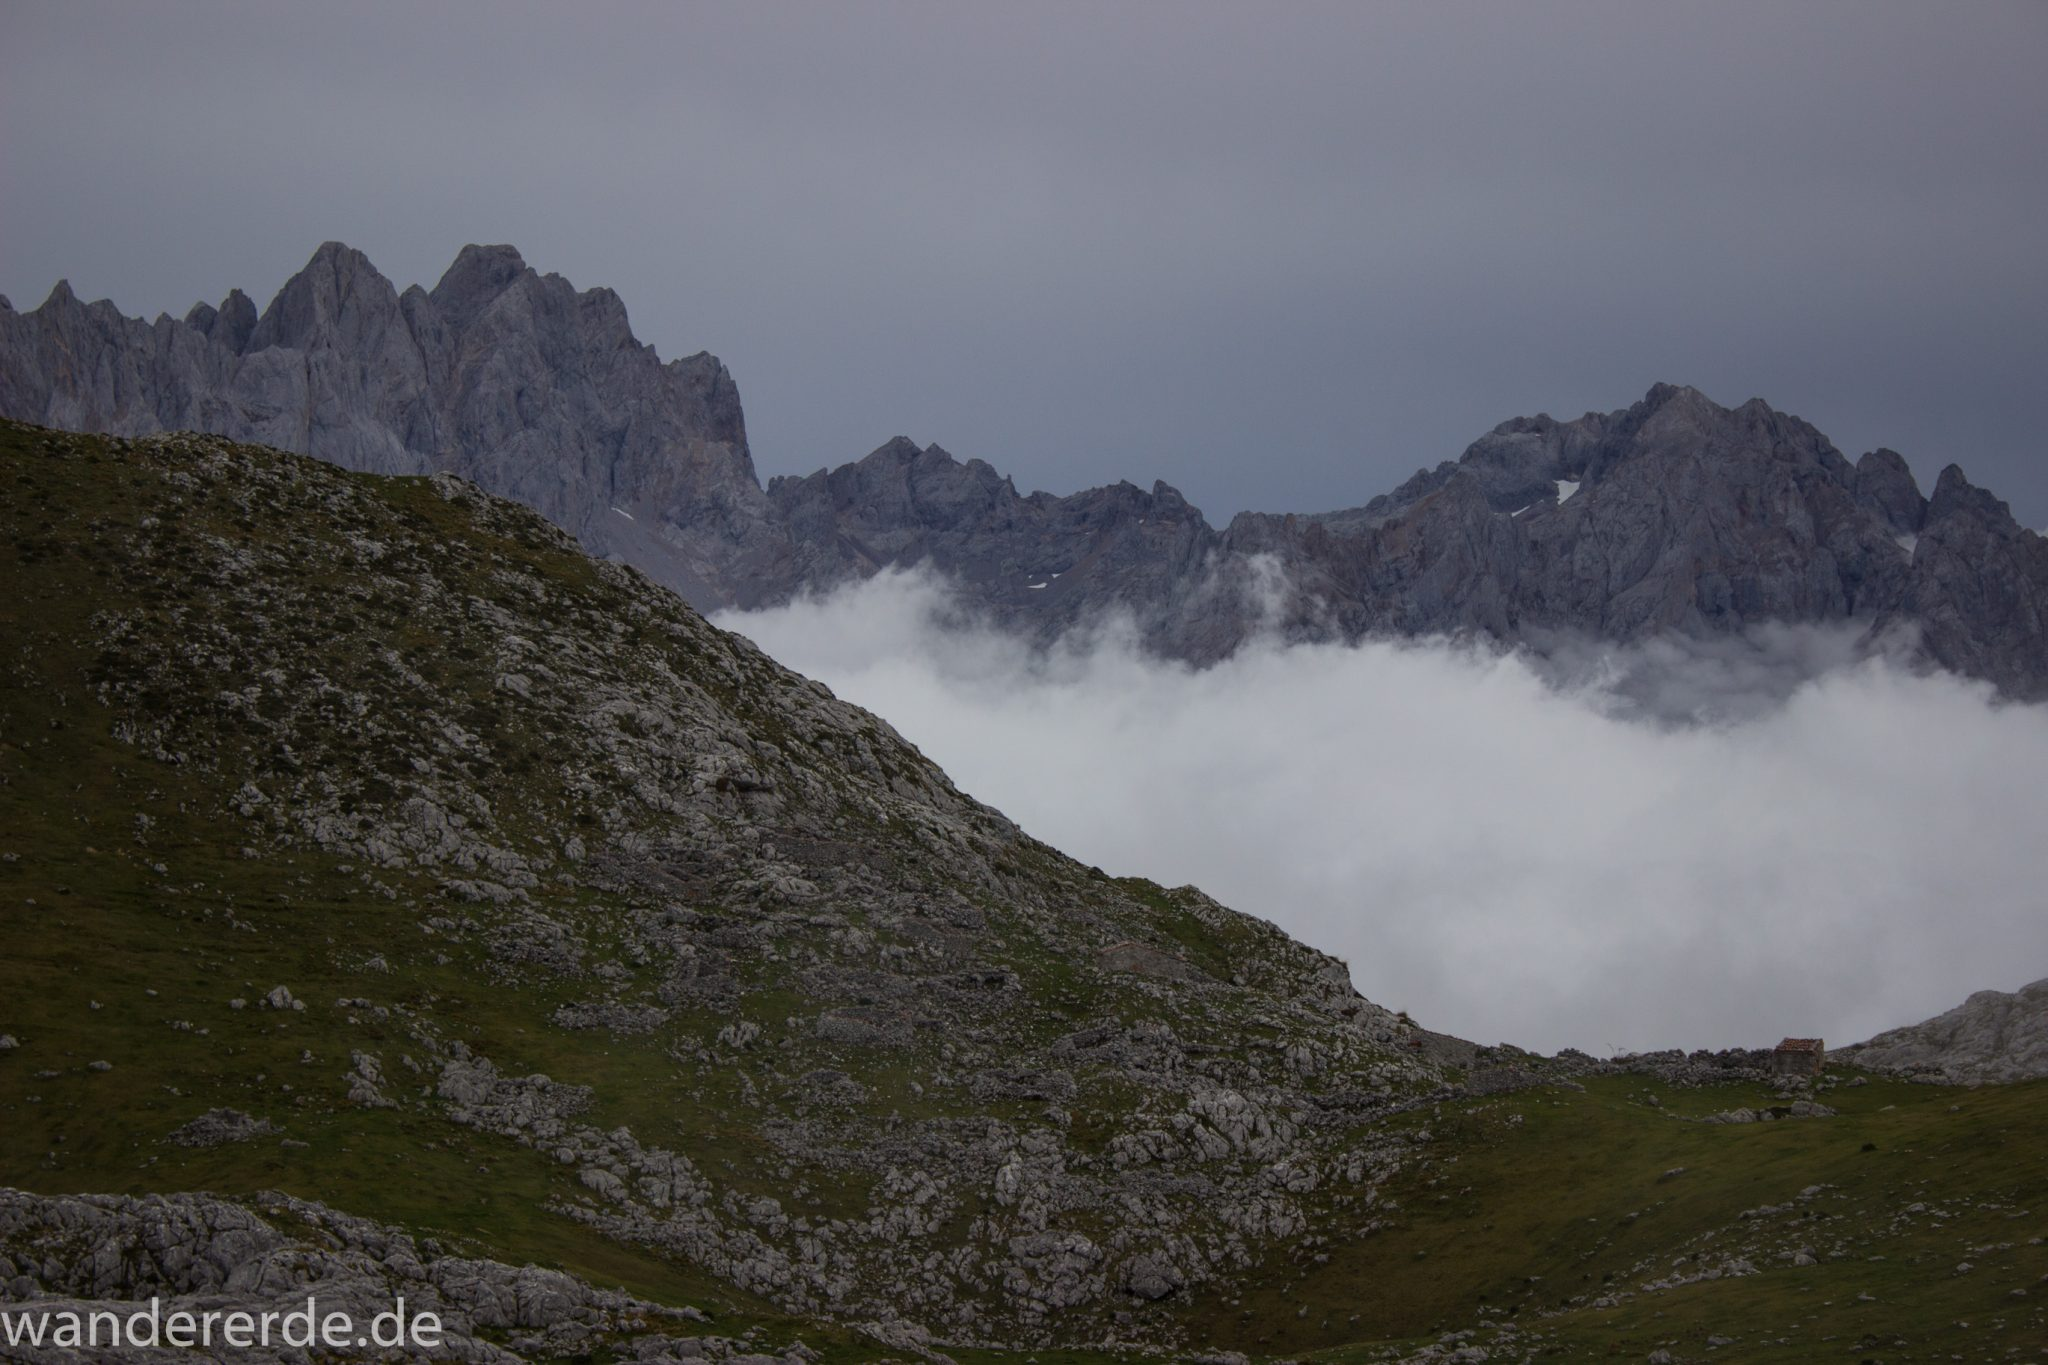 Wanderung Vega de Ario Picos de Europa Spanien, dichte Wolken, Bergregion in Nordspanien, Wandern, zerklüftete Felsen, Steine, schmaler Wanderpfad, atmosphärisch, Aussicht auf große Bergkette, grüne Wiese